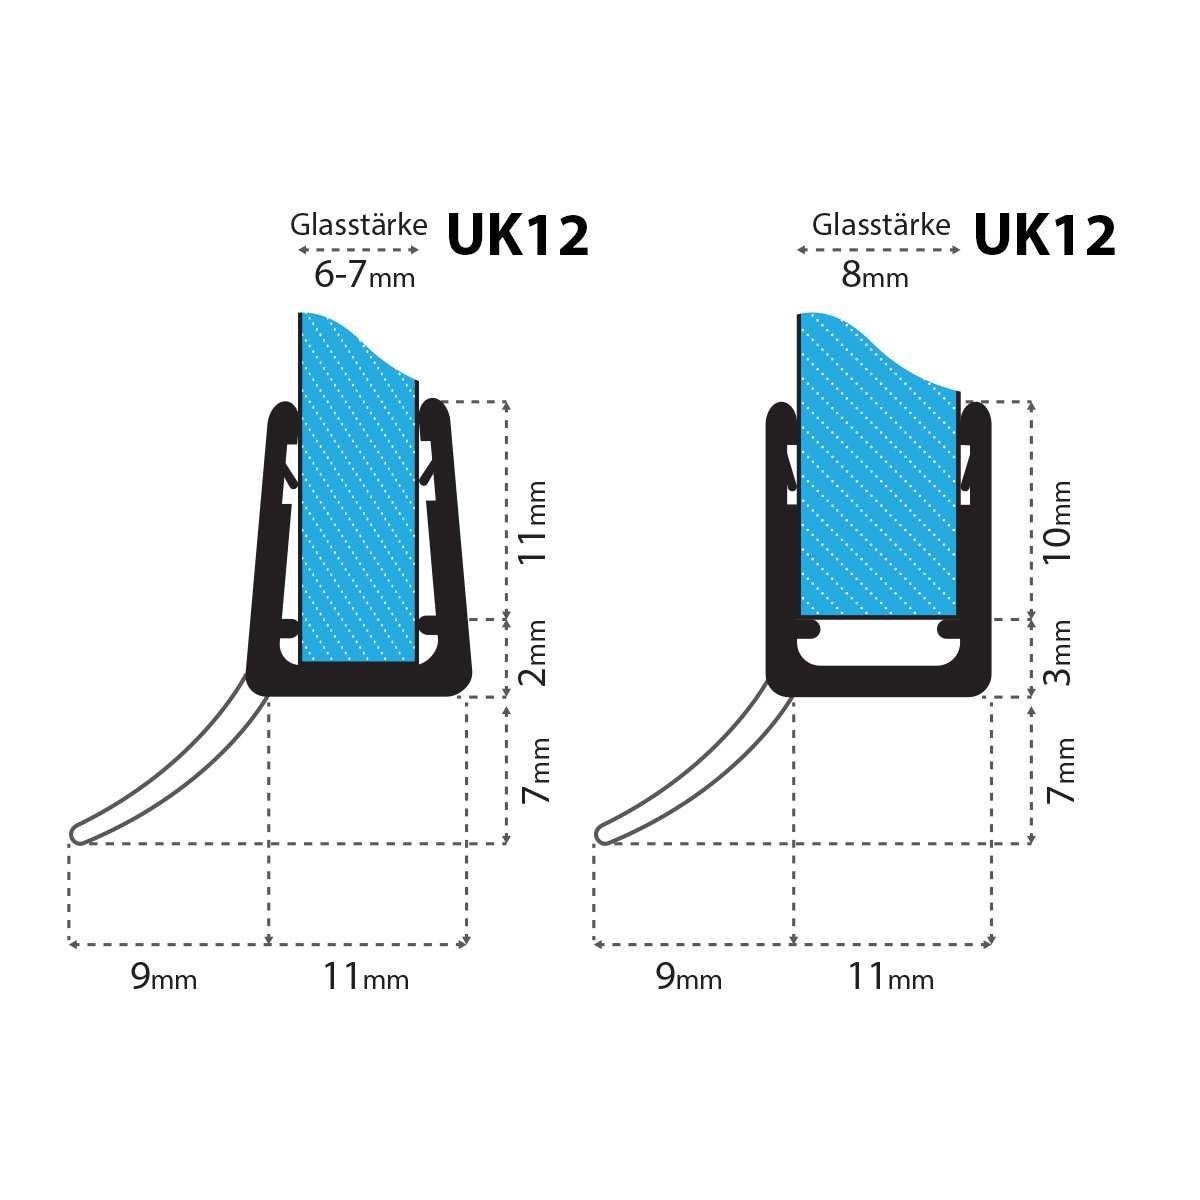 pour verre /épaisseur 5mm// 6mm// 7mm// 8mm pour quadrant douche arqu/é 40cm UK12 Joint d/étanch/éit/é de remplacement pour douche circulaire//ronde